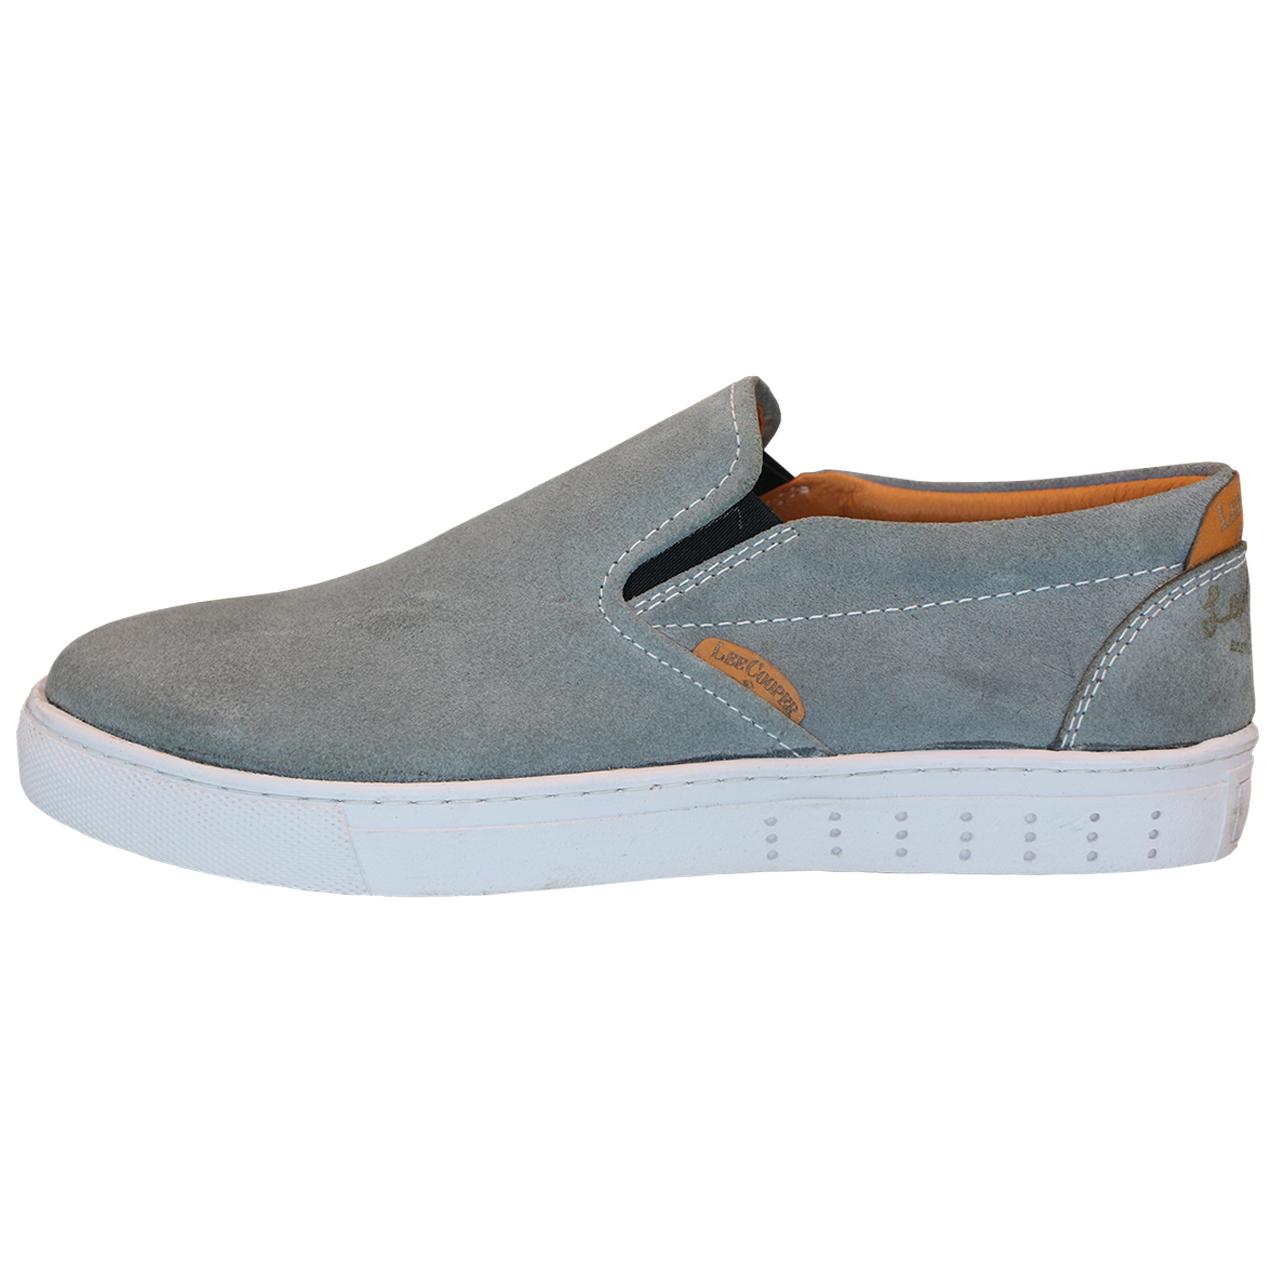 کفش روزمره مردانه لی کوپر مدل VeYrOn-L.GRY